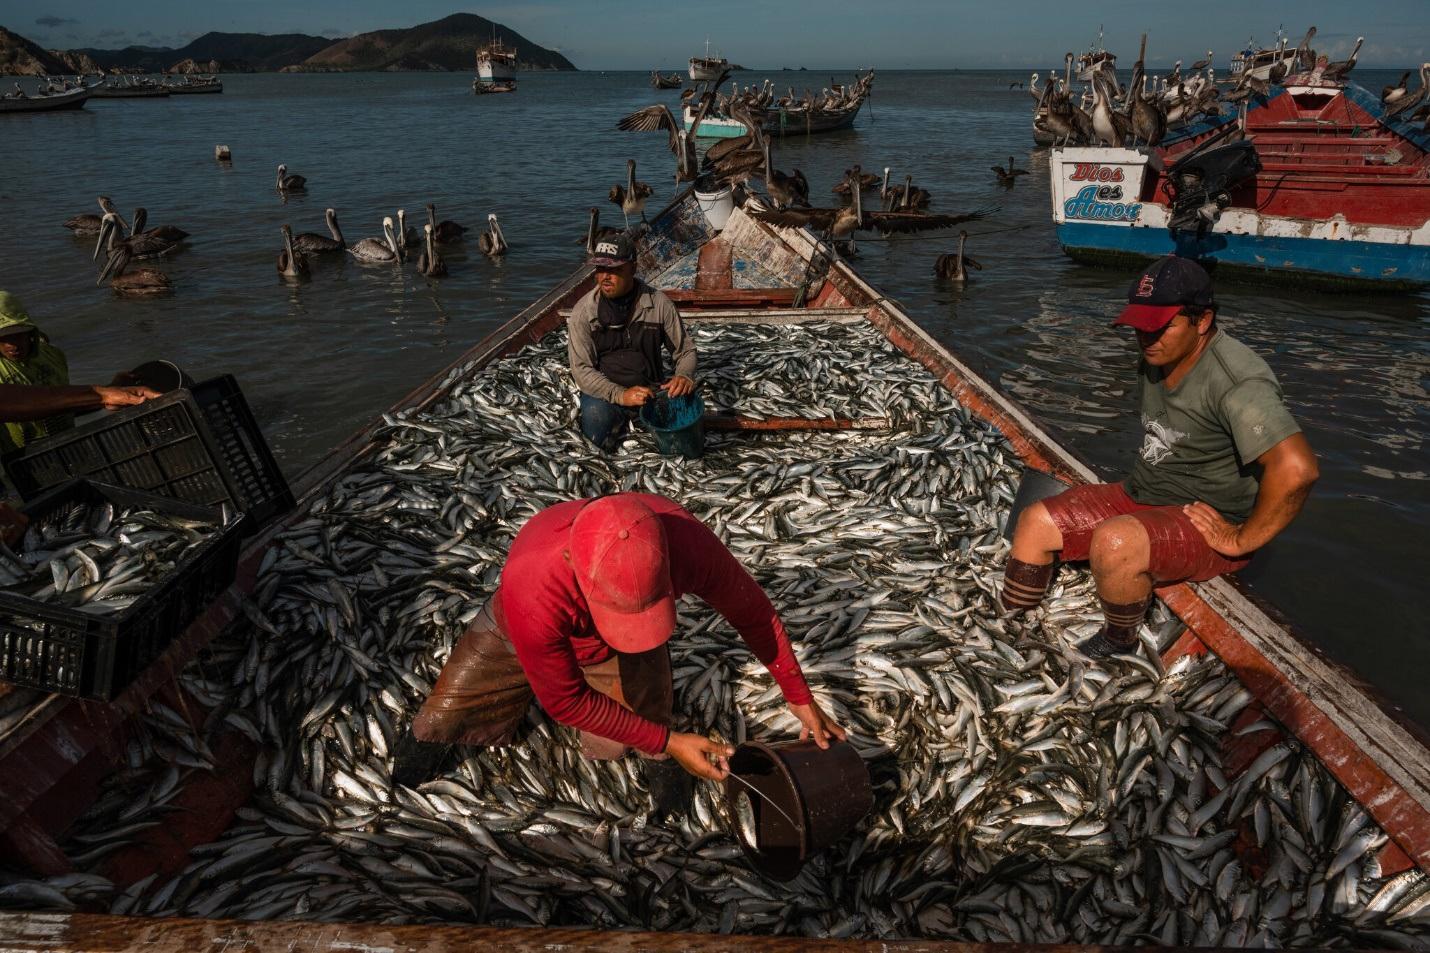 Châu báu bí ẩn liên tục dạt vào bờ biển, người dân đổ xô săn lùng kho báu - 4